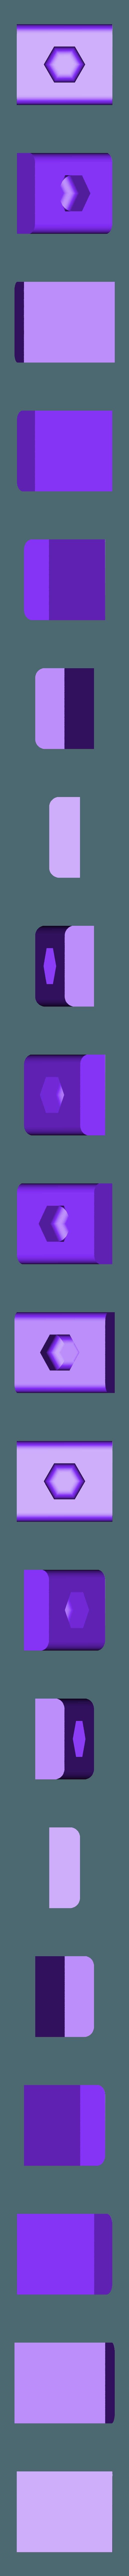 Bar_Nut_Insert_v1-0_Large.STL Télécharger fichier STL gratuit Insert d'écrou Rigidbot • Plan pour imprimante 3D, WalterHsiao